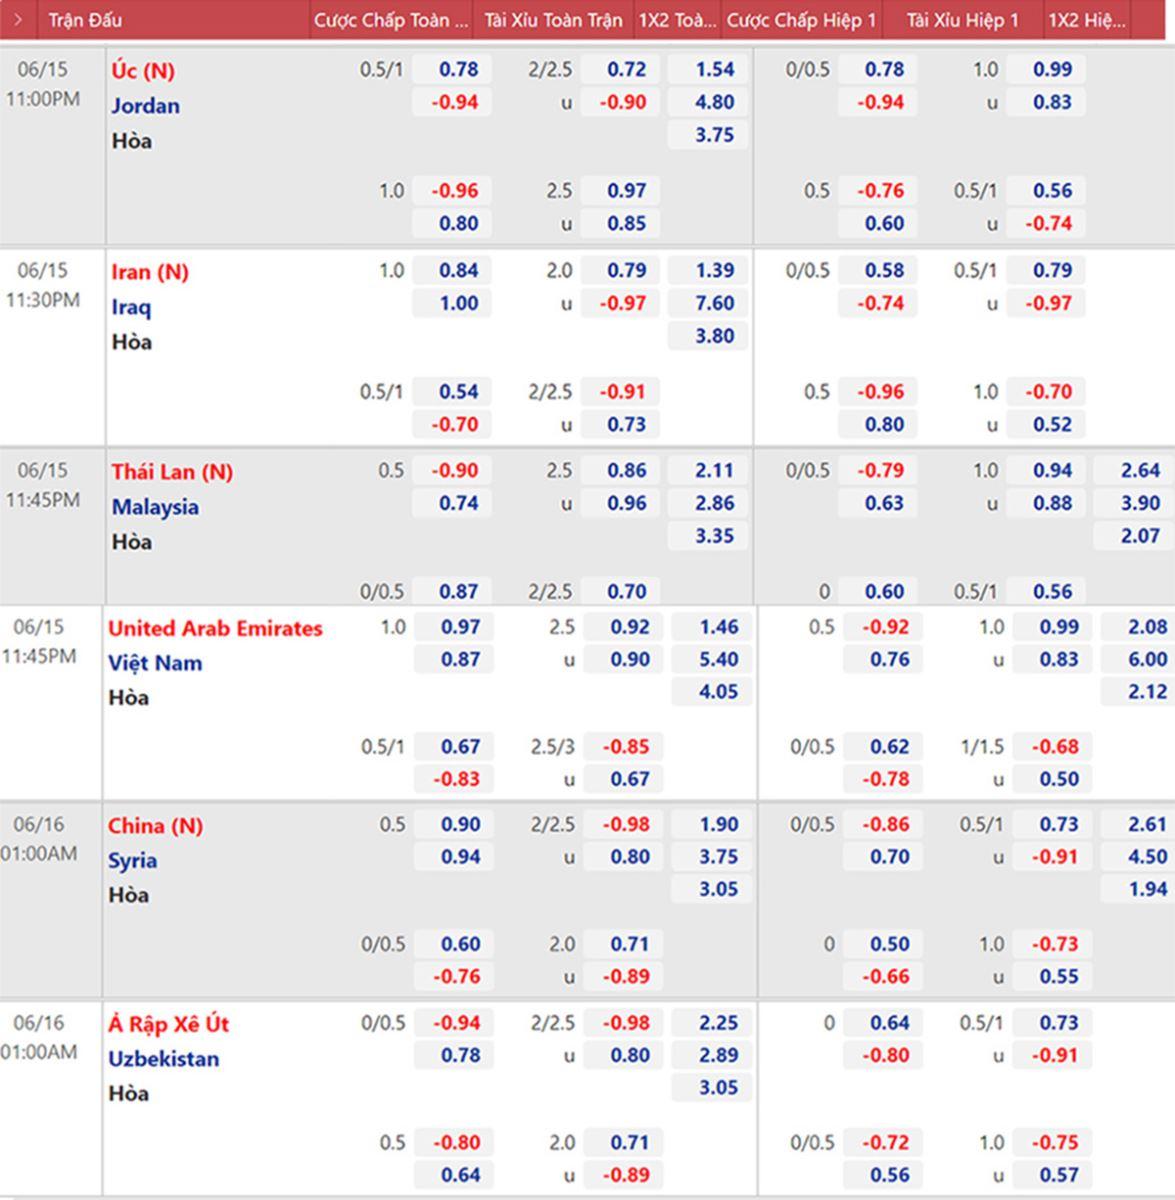 Kèo nhà cáiViệt Nam vs UAE. Tỷ lệ kèo VN vs UAE. Soi kèoViệt Nam vs UAE. Kèo bóng đá vòng loại World Cup 2022. VTV6, VTV5 trực tiếp bóng đá hôm nay.